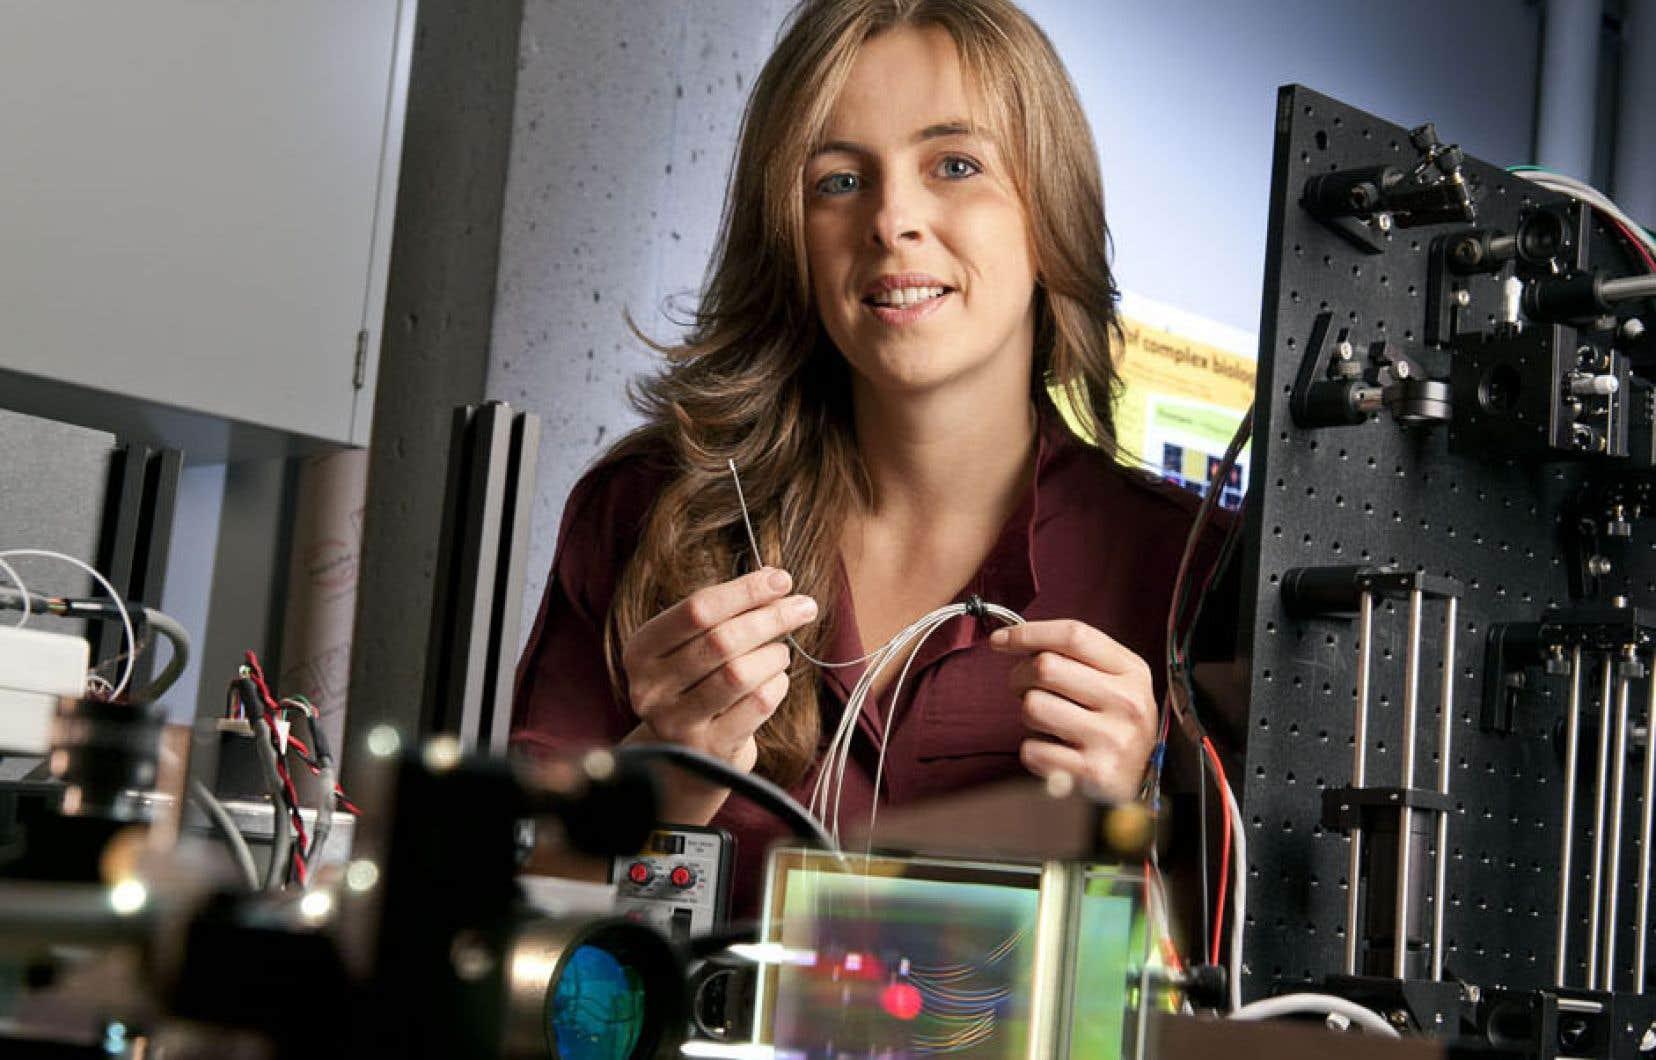 Caroline Boudoux a préféré quitter les grands laboratoires américains anonymes pour rejoindre le LODI en 2007 et avoir une approche plus humaine.